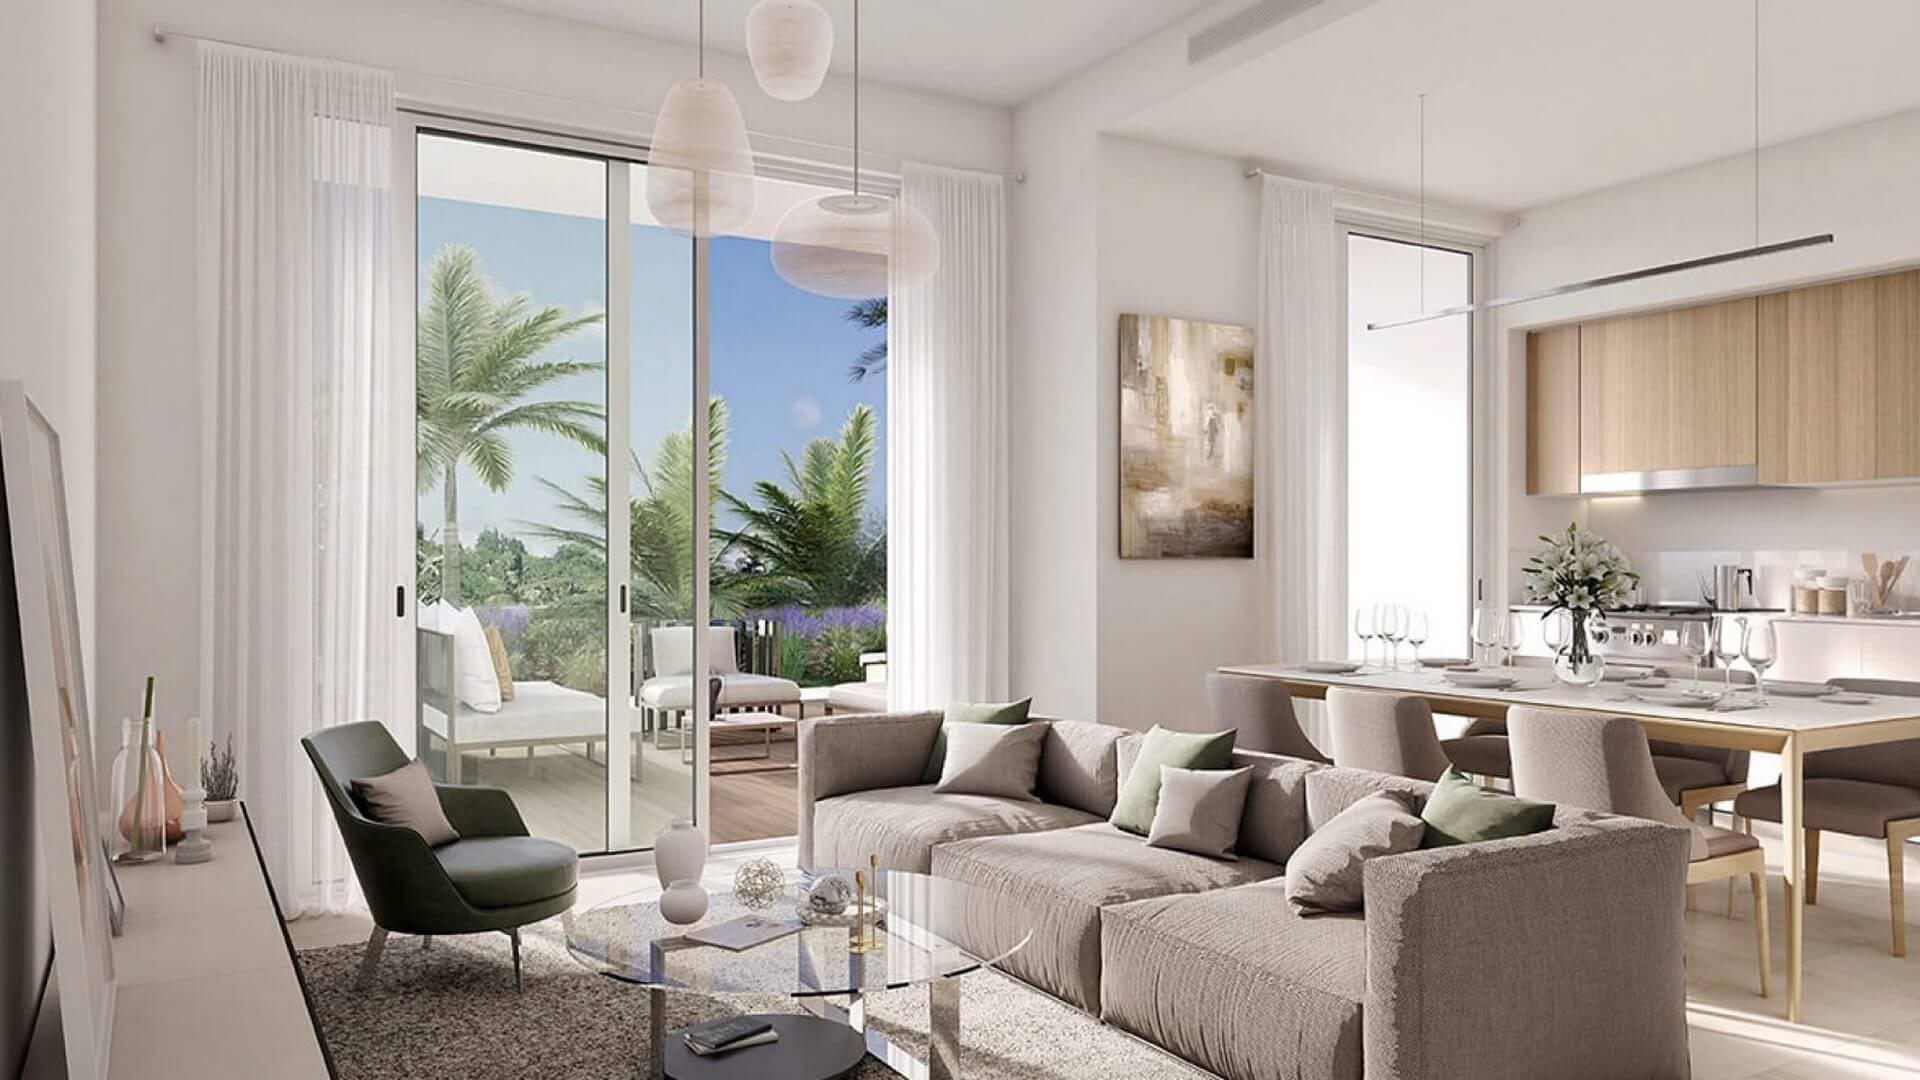 Villa en venta en Dubai, EAU, 3 dormitorios, 175 m2, № 24048 – foto 7